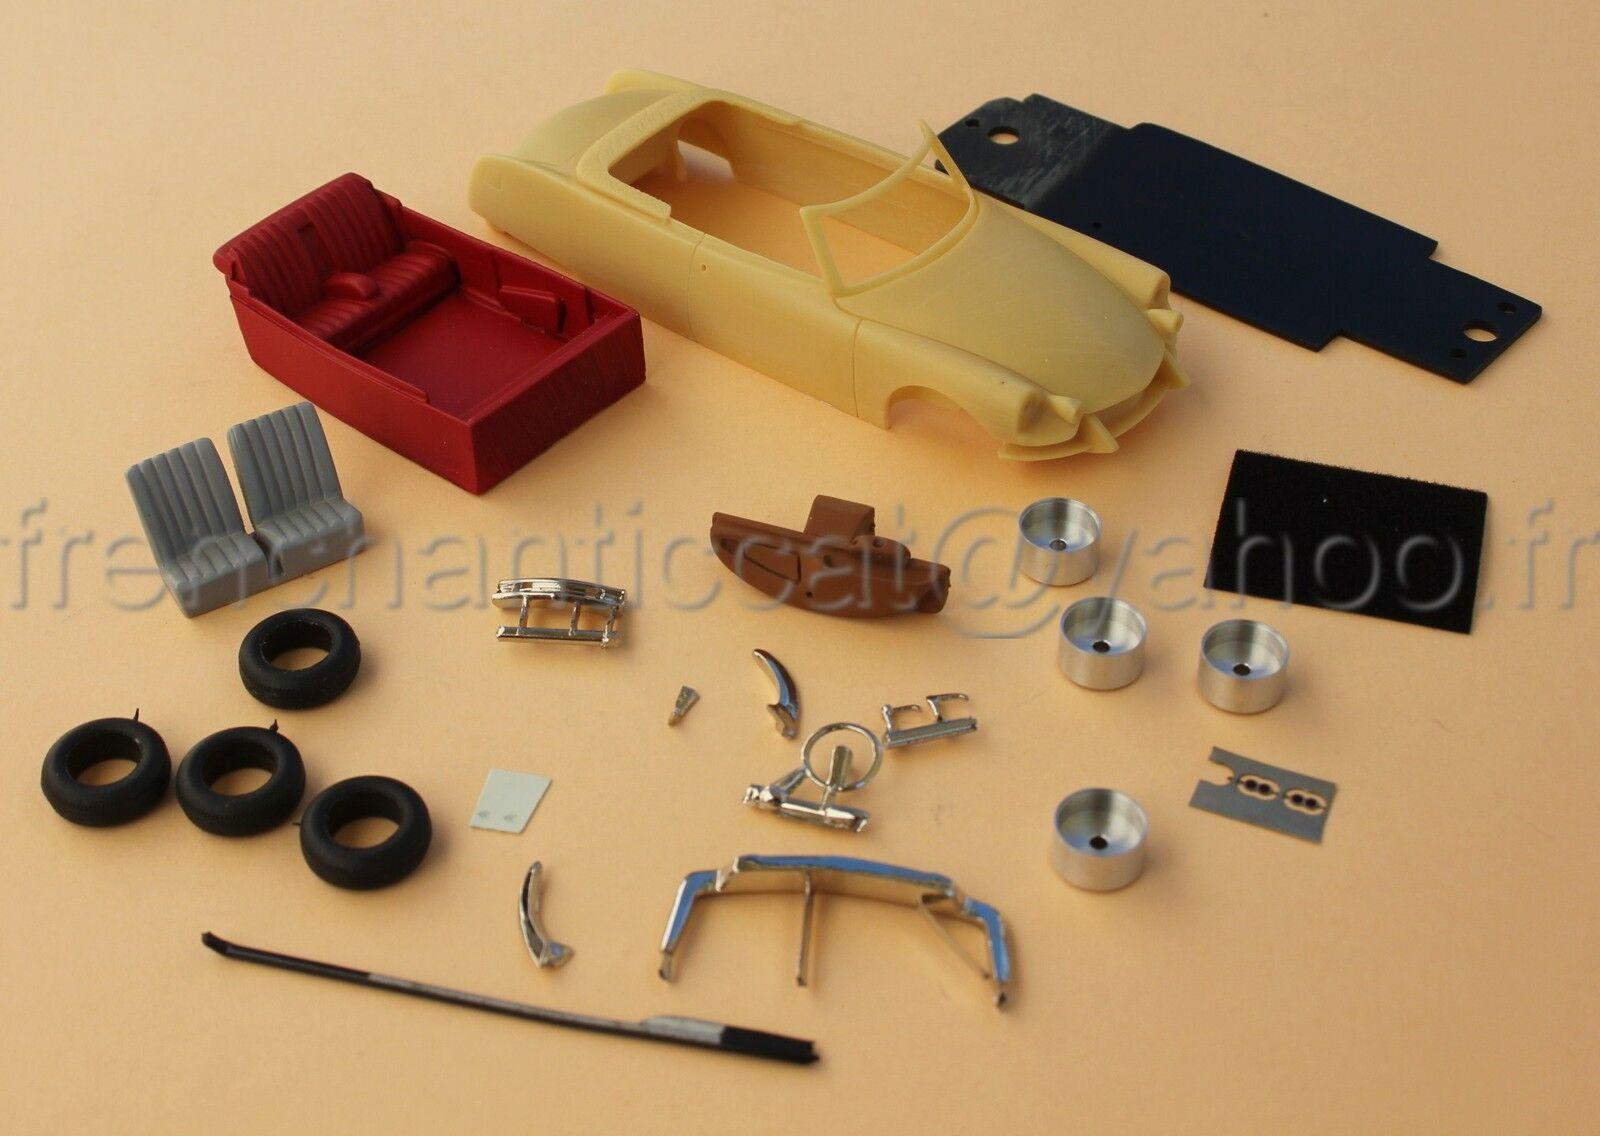 IO Rare voiture Citroën DS chapron Palm plage 1 43  Heco miniatures resine verte  achats de mode en ligne